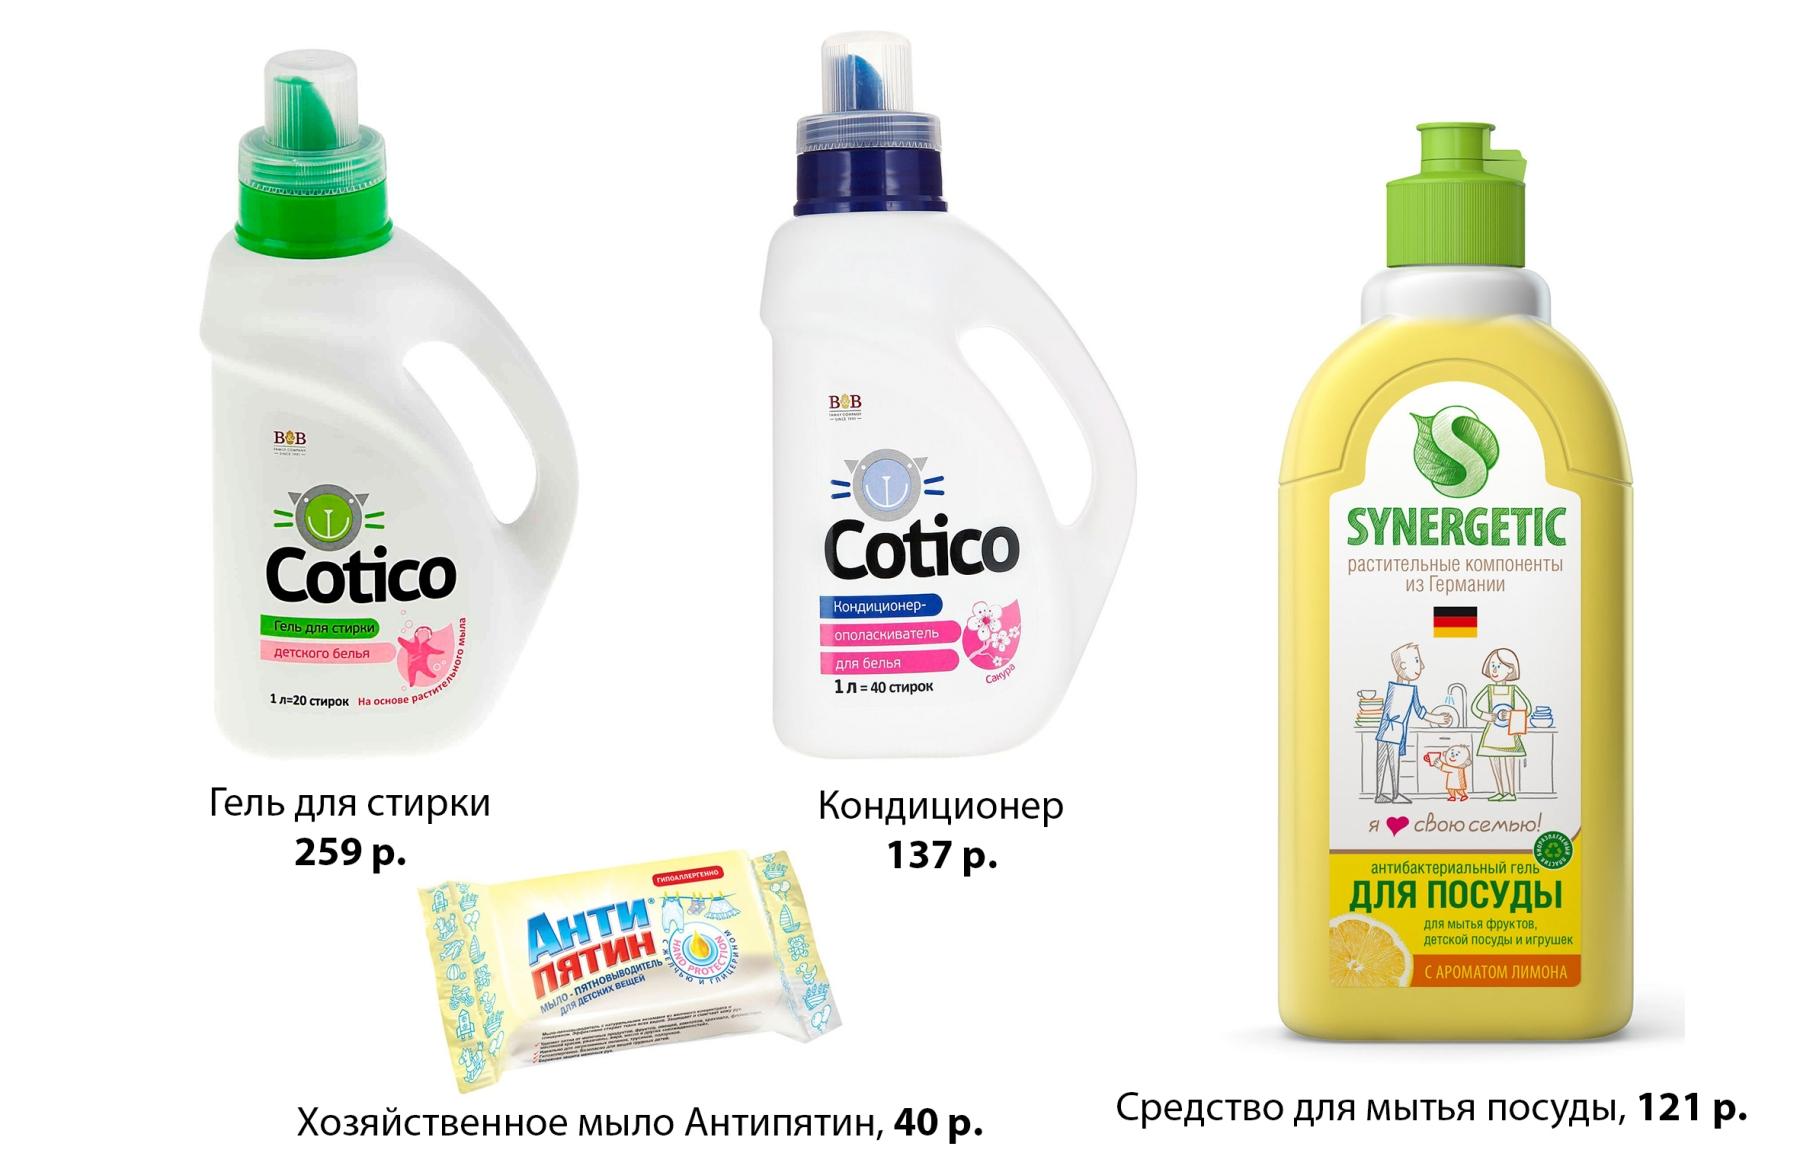 Моющее и чистящее средство. Делаем сами из мыла, соды 49